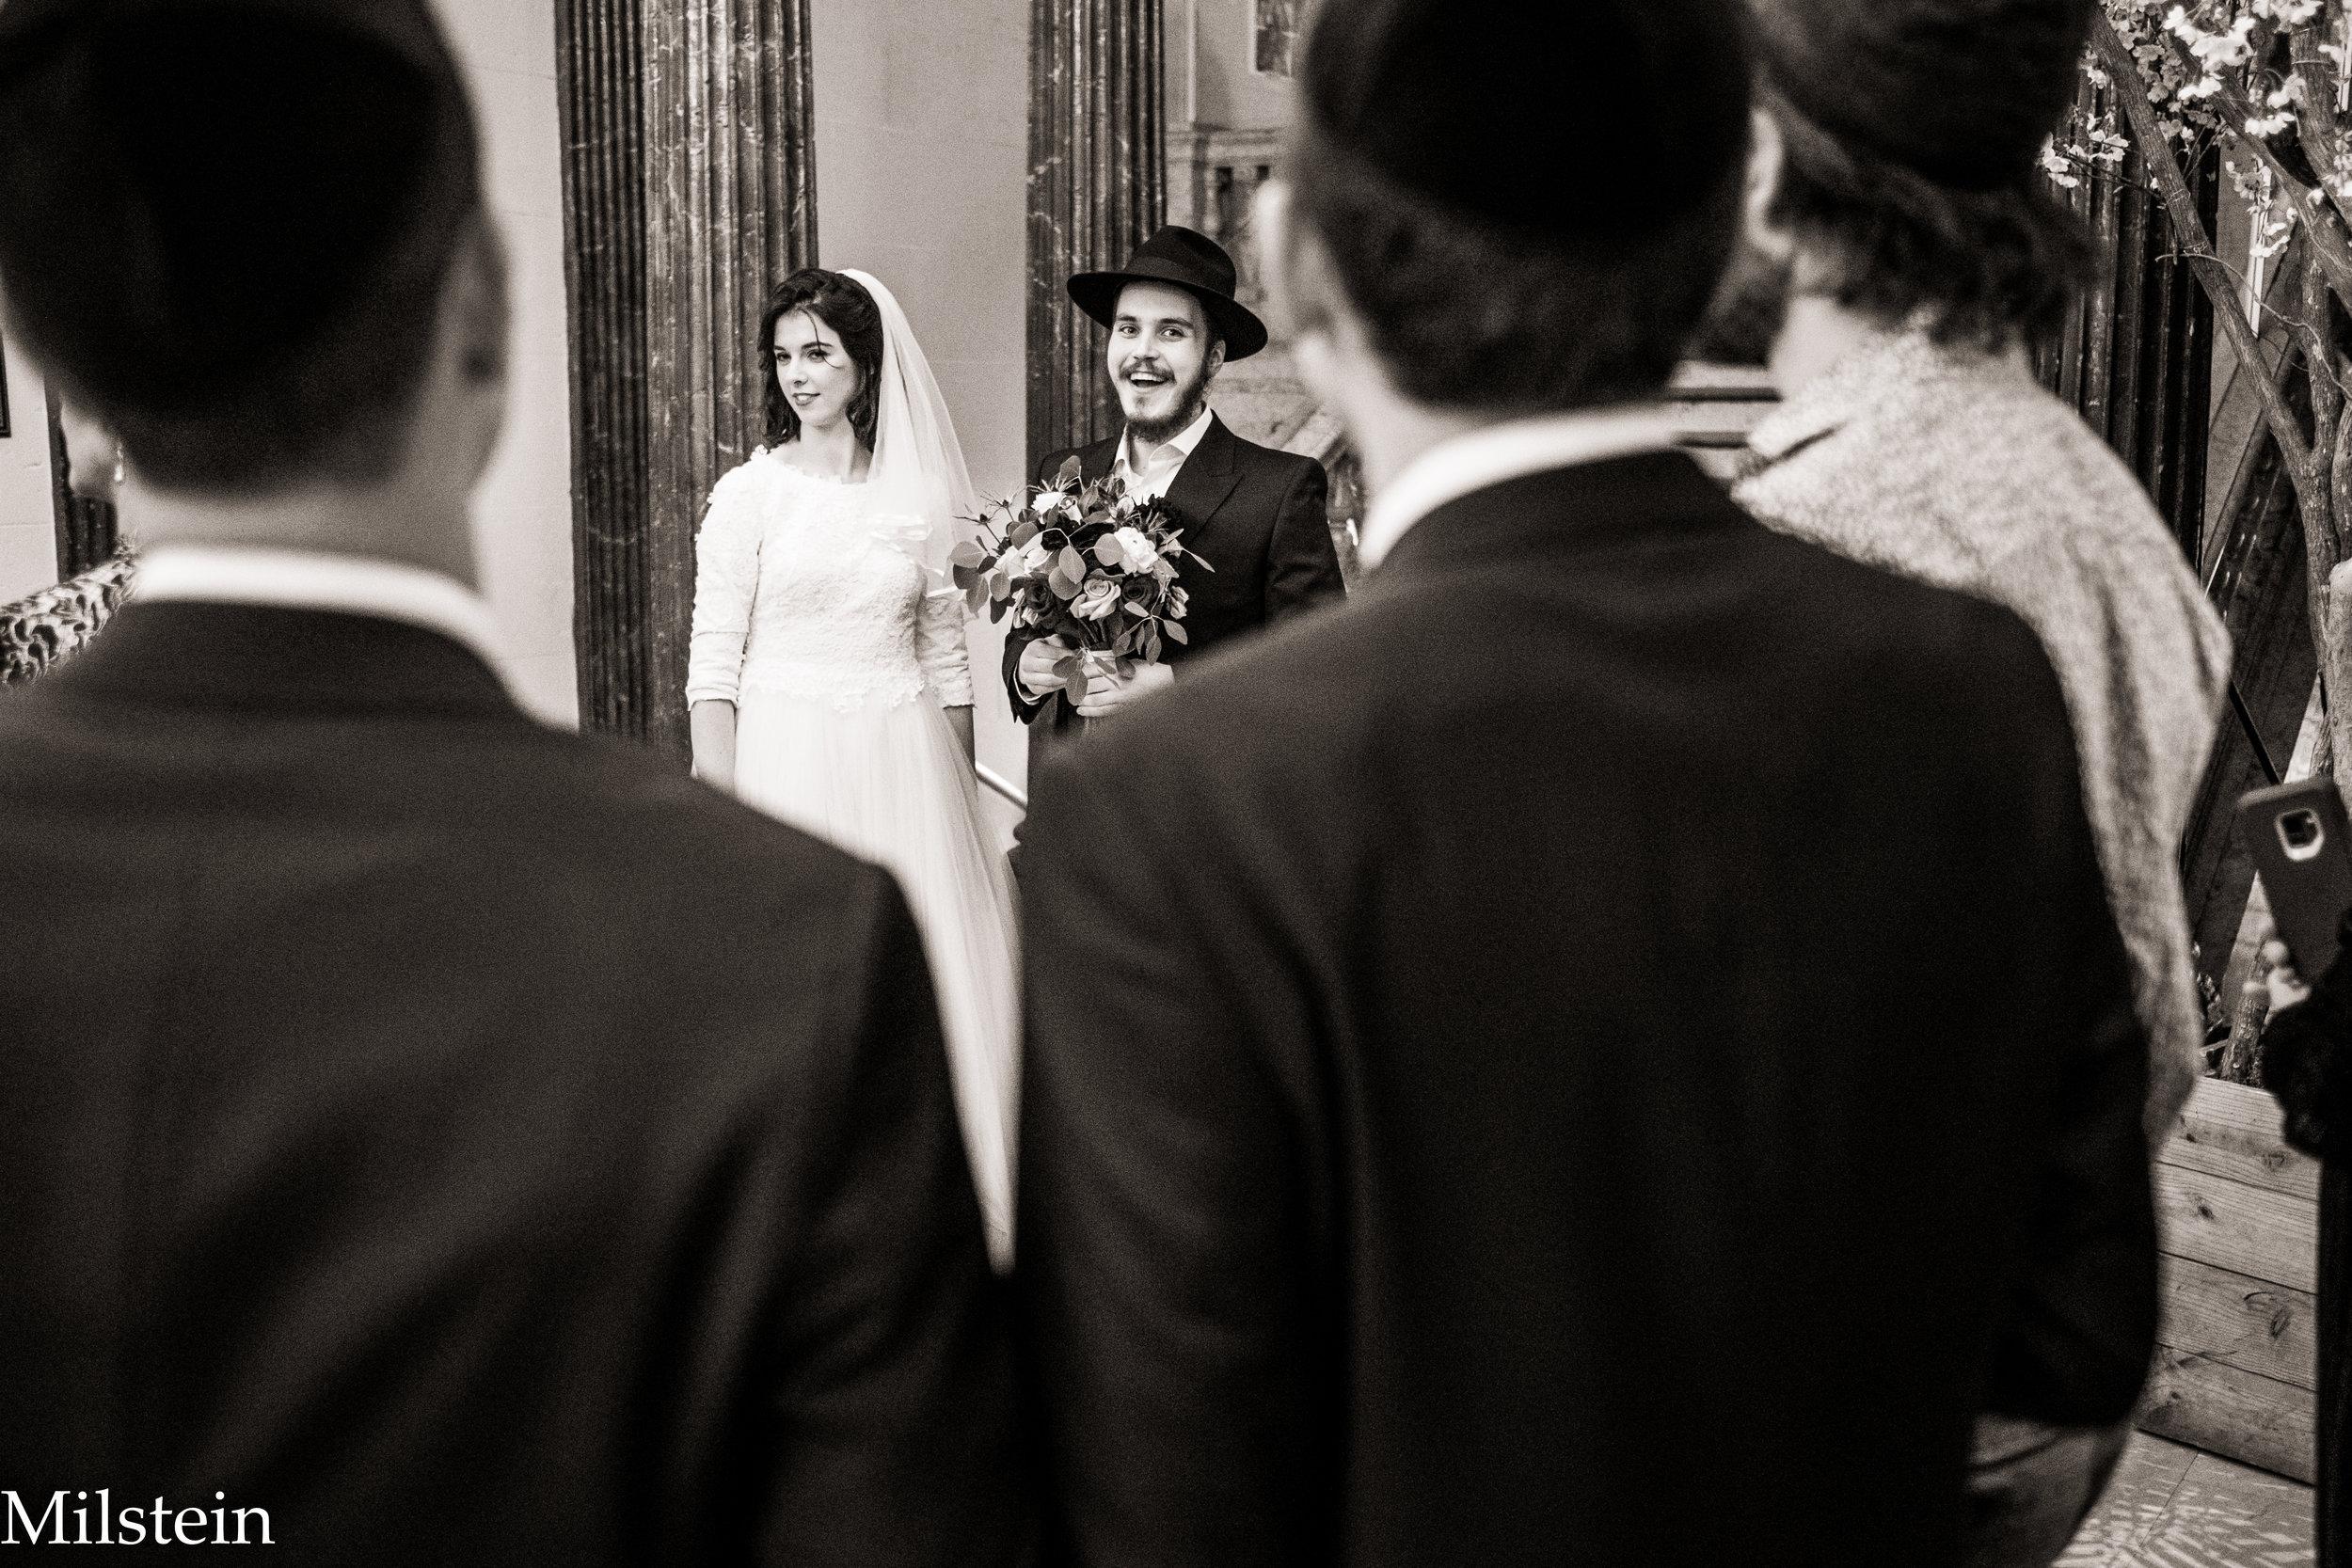 Amy Milstein - best NYC wedding event photographer